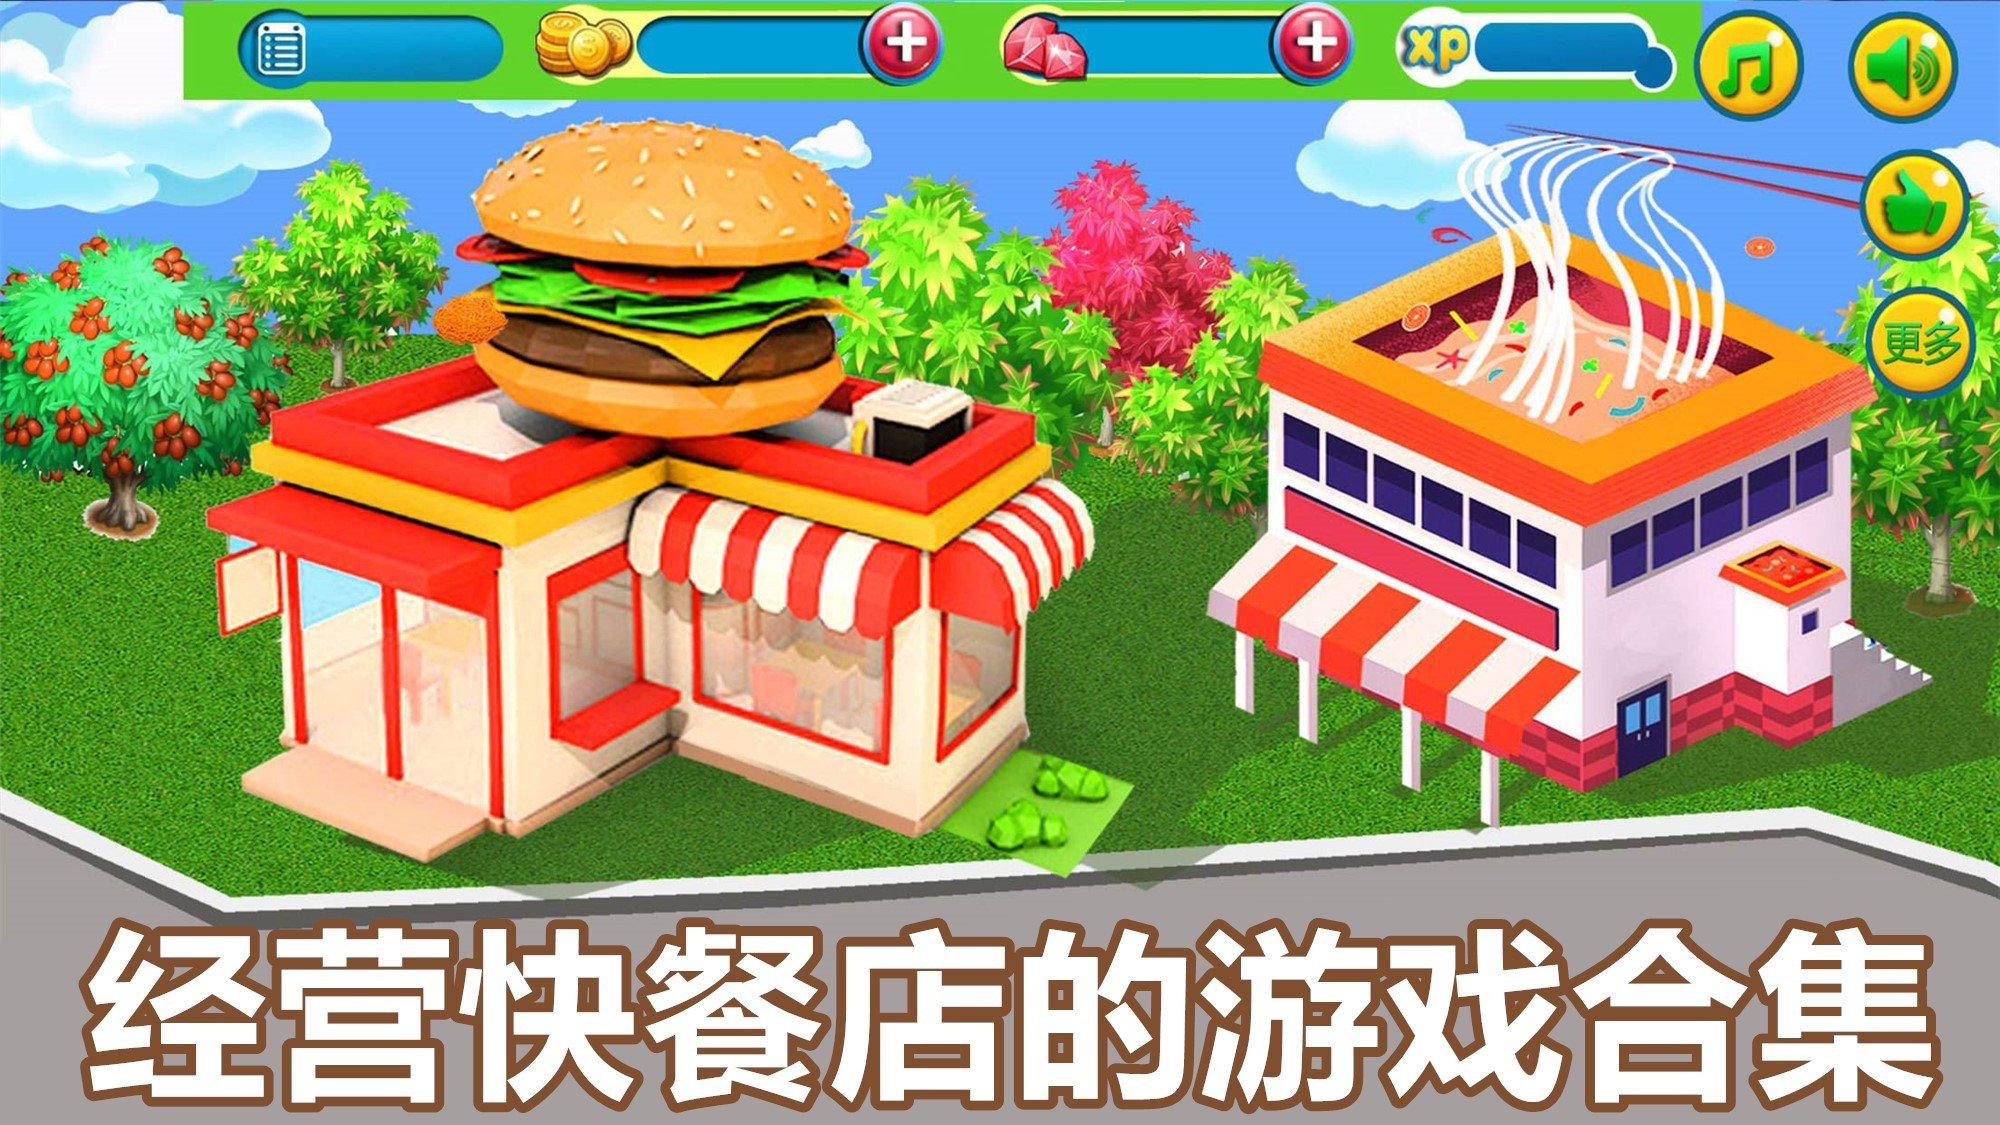 经营快餐店的游戏合集